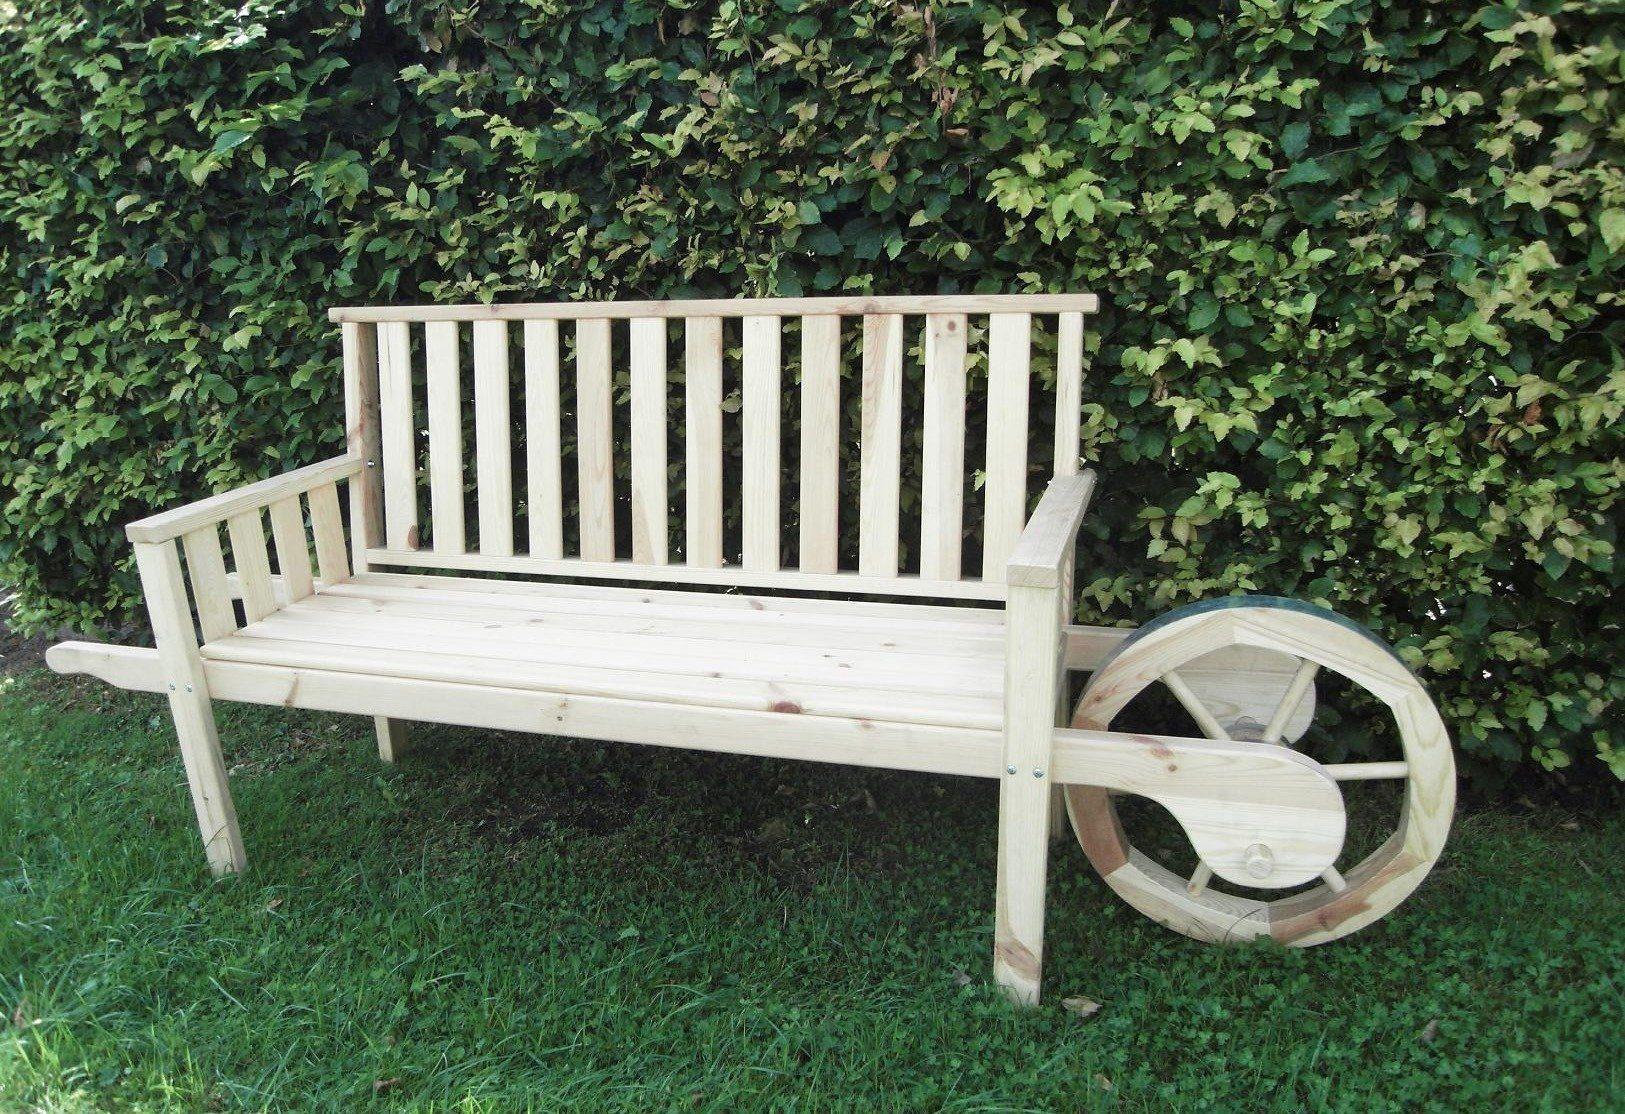 PROMADINO Gartenbank , Kiefernholz, 215x56x89 cm, beige